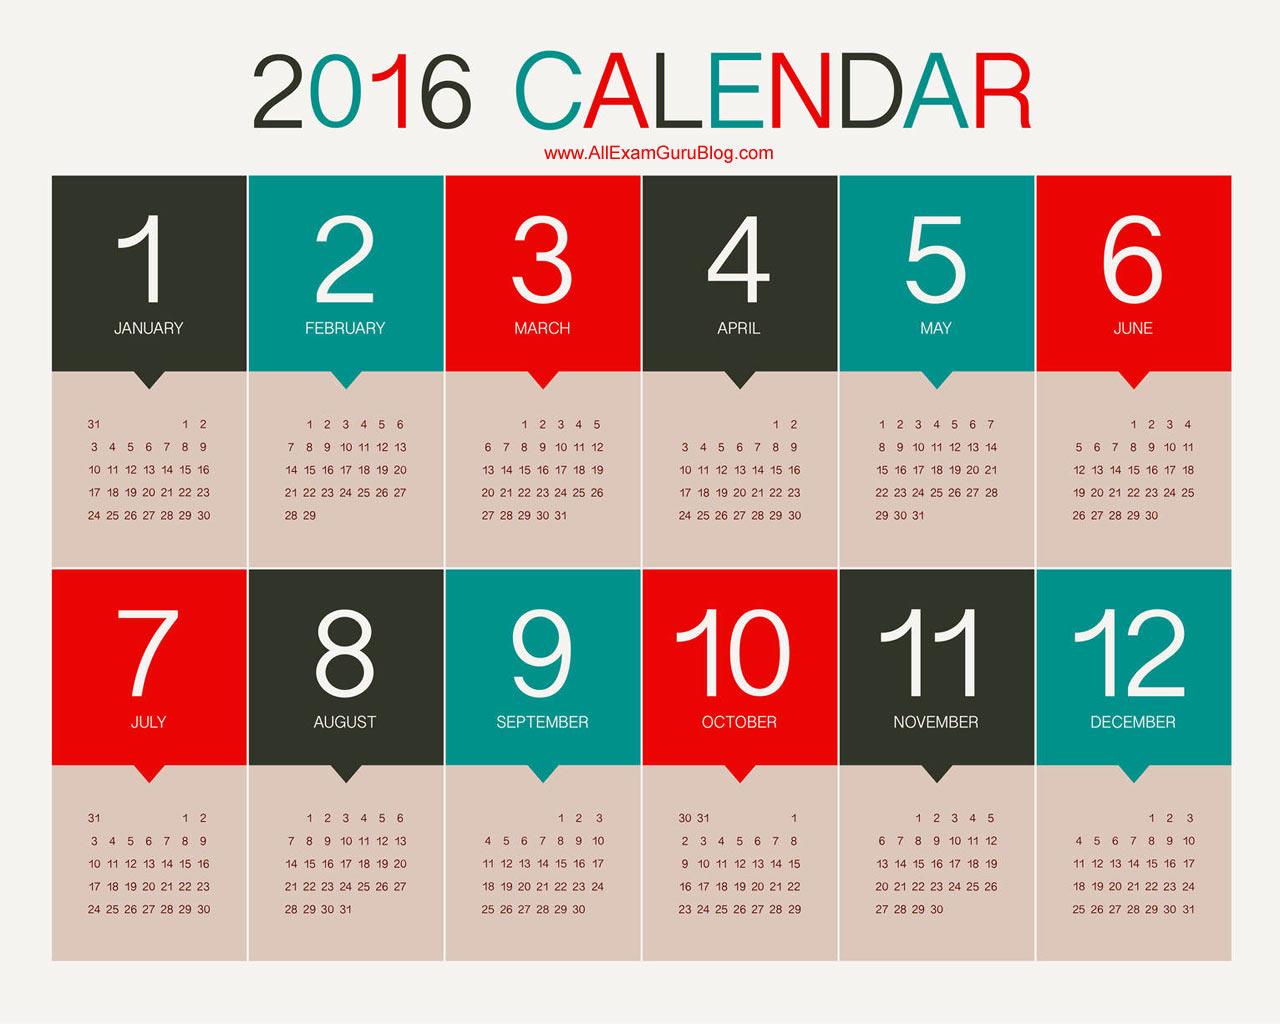 2016 Year Calendar Wallpaper Download 2016 Calendar by Month 1280x1024